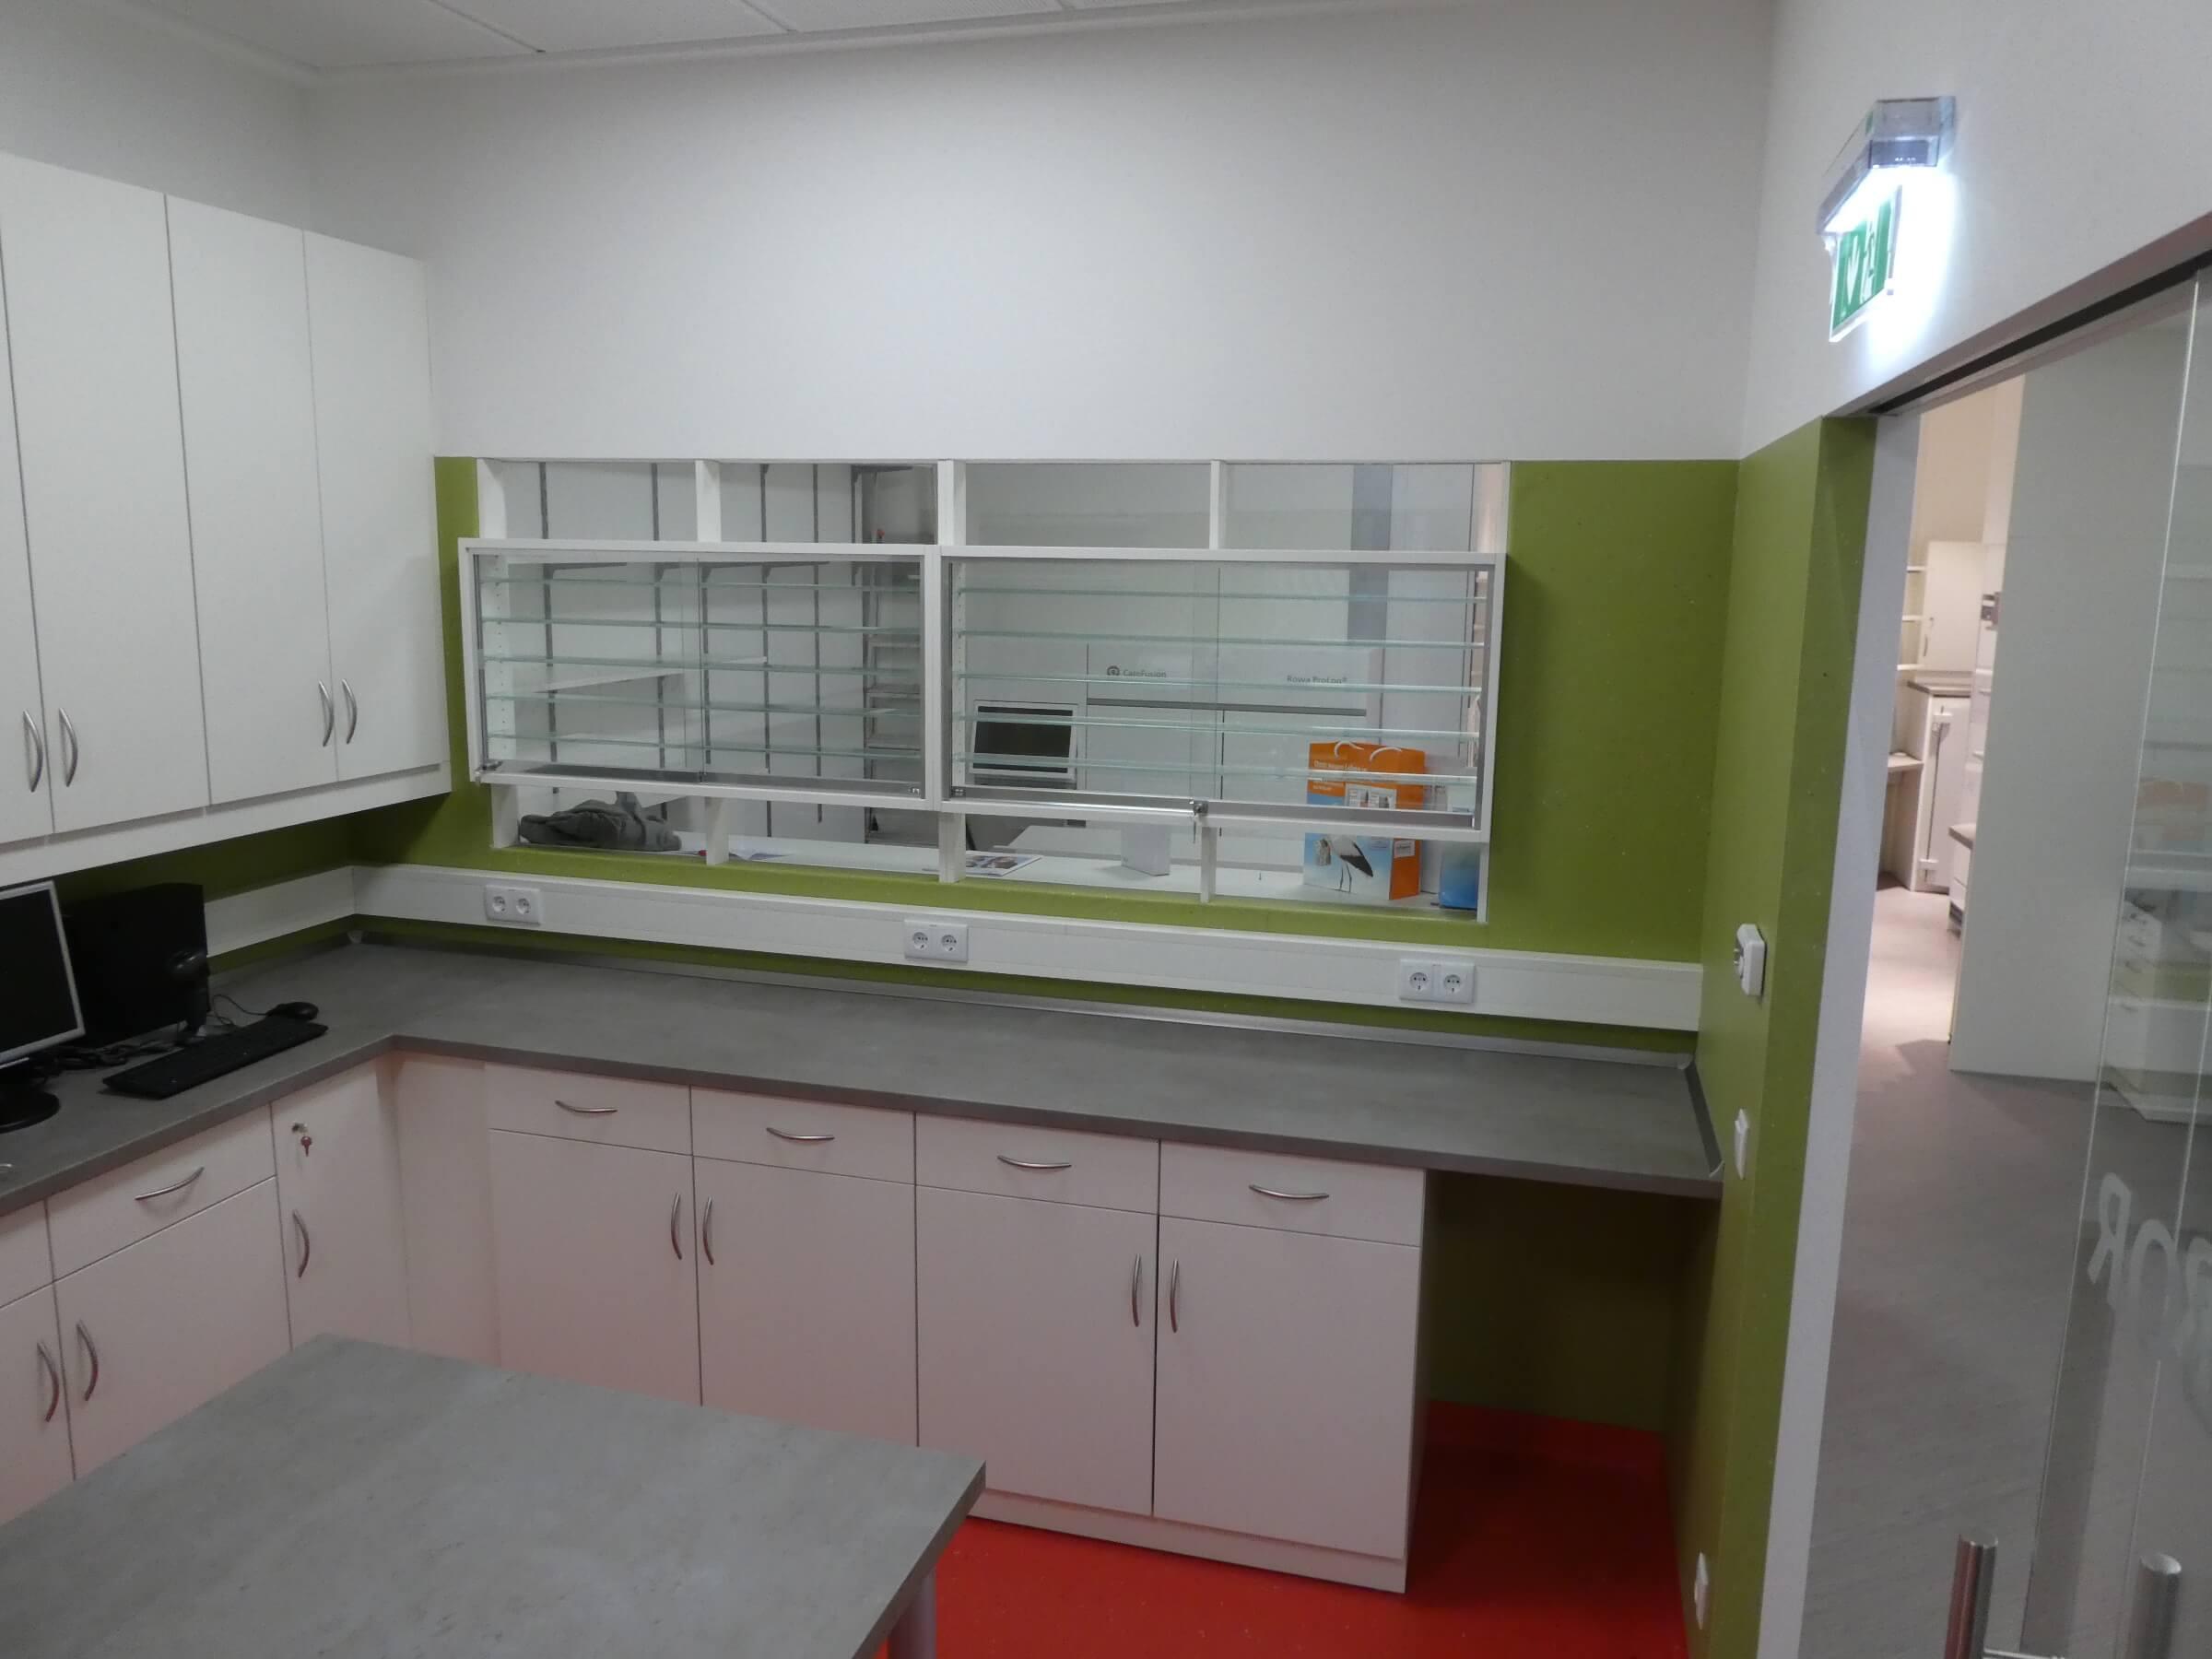 Labor Laboreinrichtung mit Vitrine